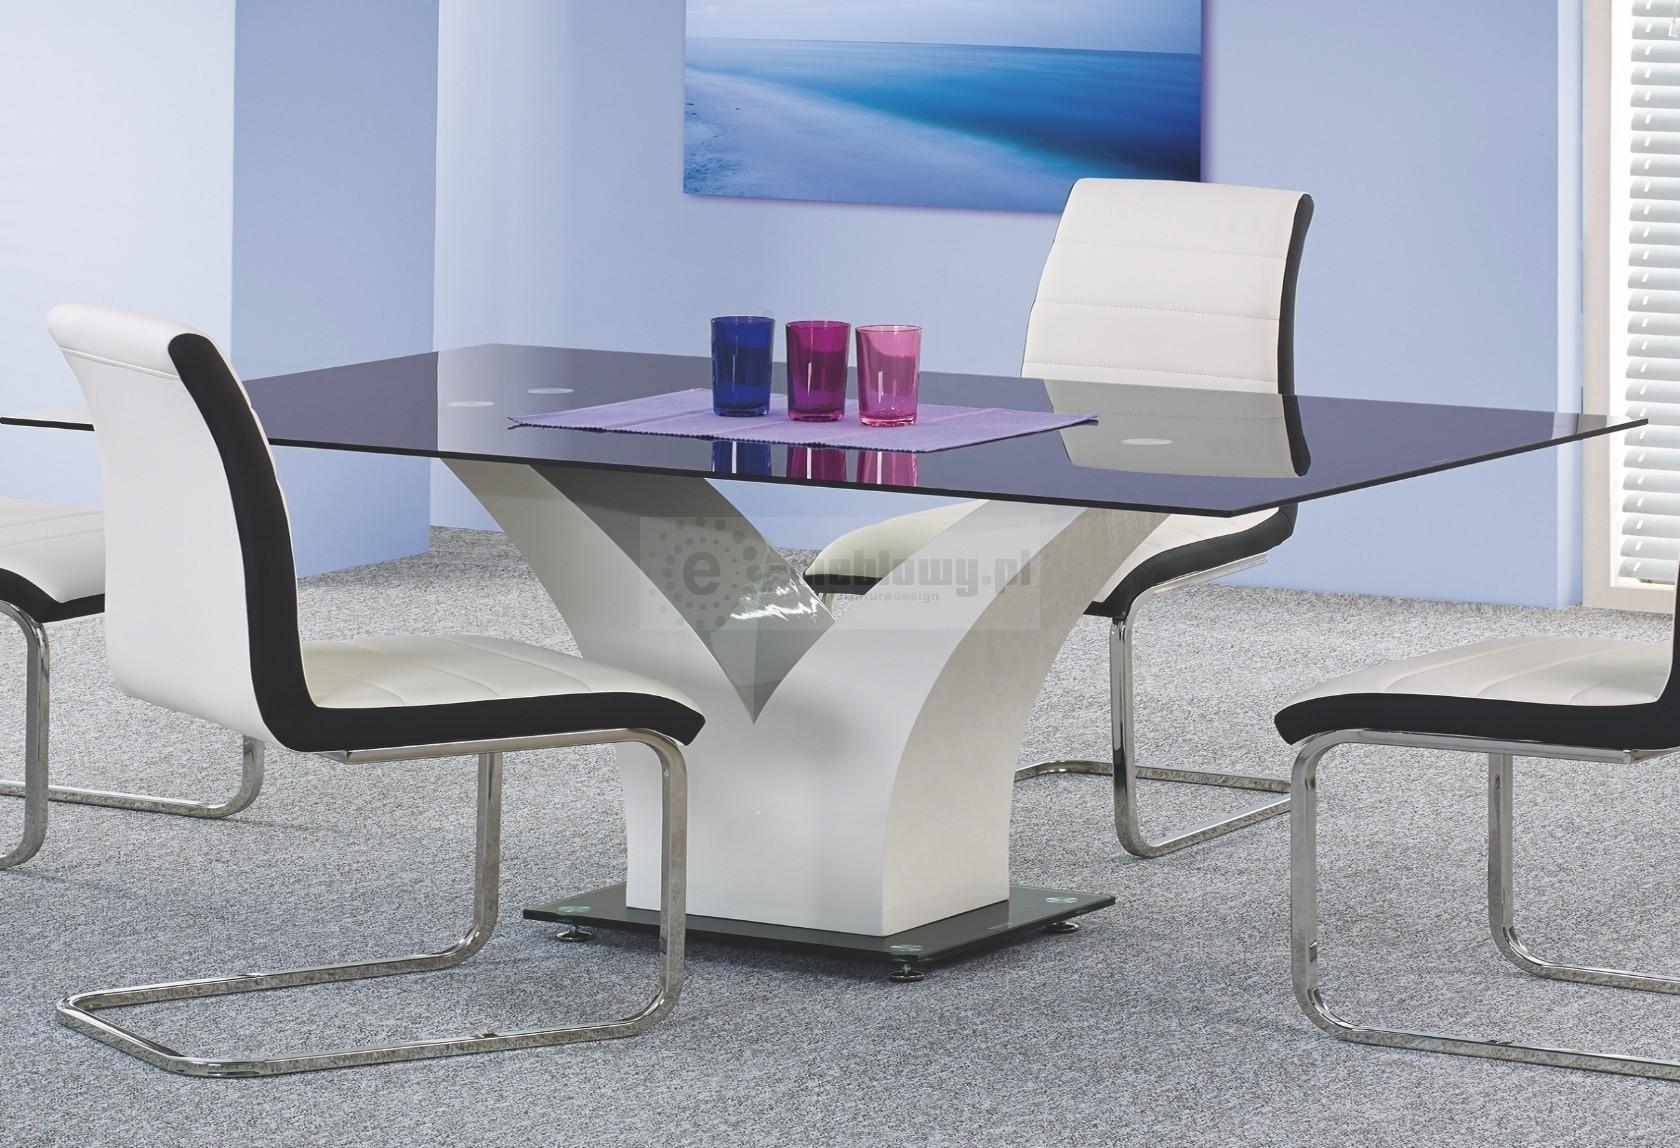 Niewiarygodnie Stół szklany Jasper, stół połysk, nowoczesny stół do jadalni, stół, DC08